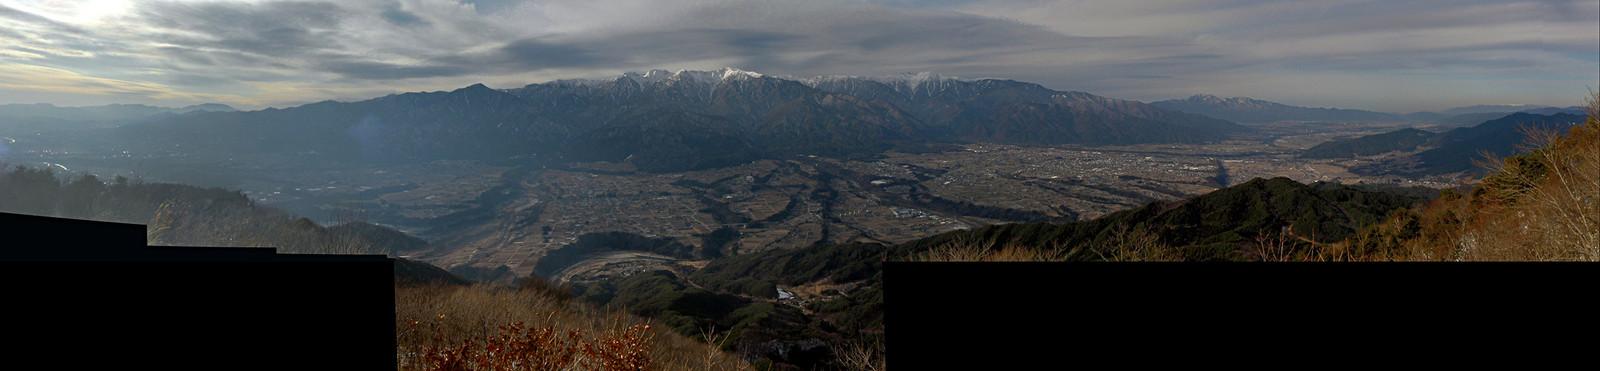 2014年1月3日14時、中川村陣馬形山からの中央アルプスと伊那谷